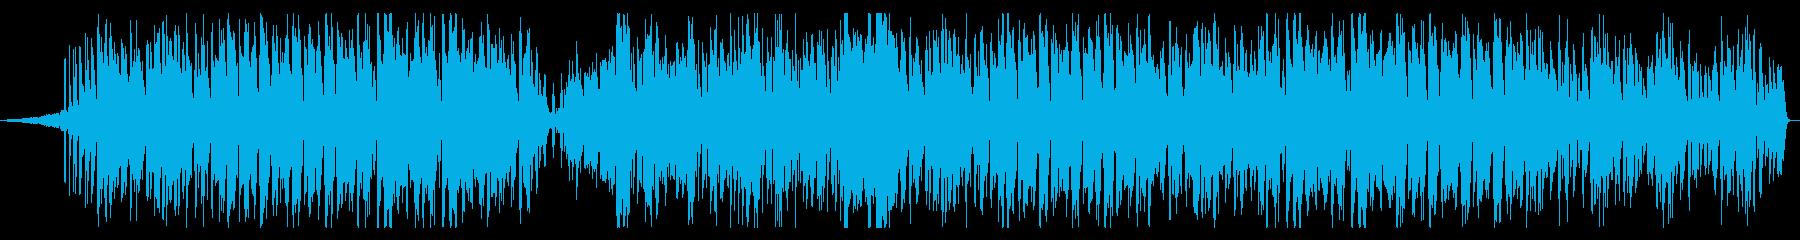 シンプルなコード進行で聴きやすいです!の再生済みの波形